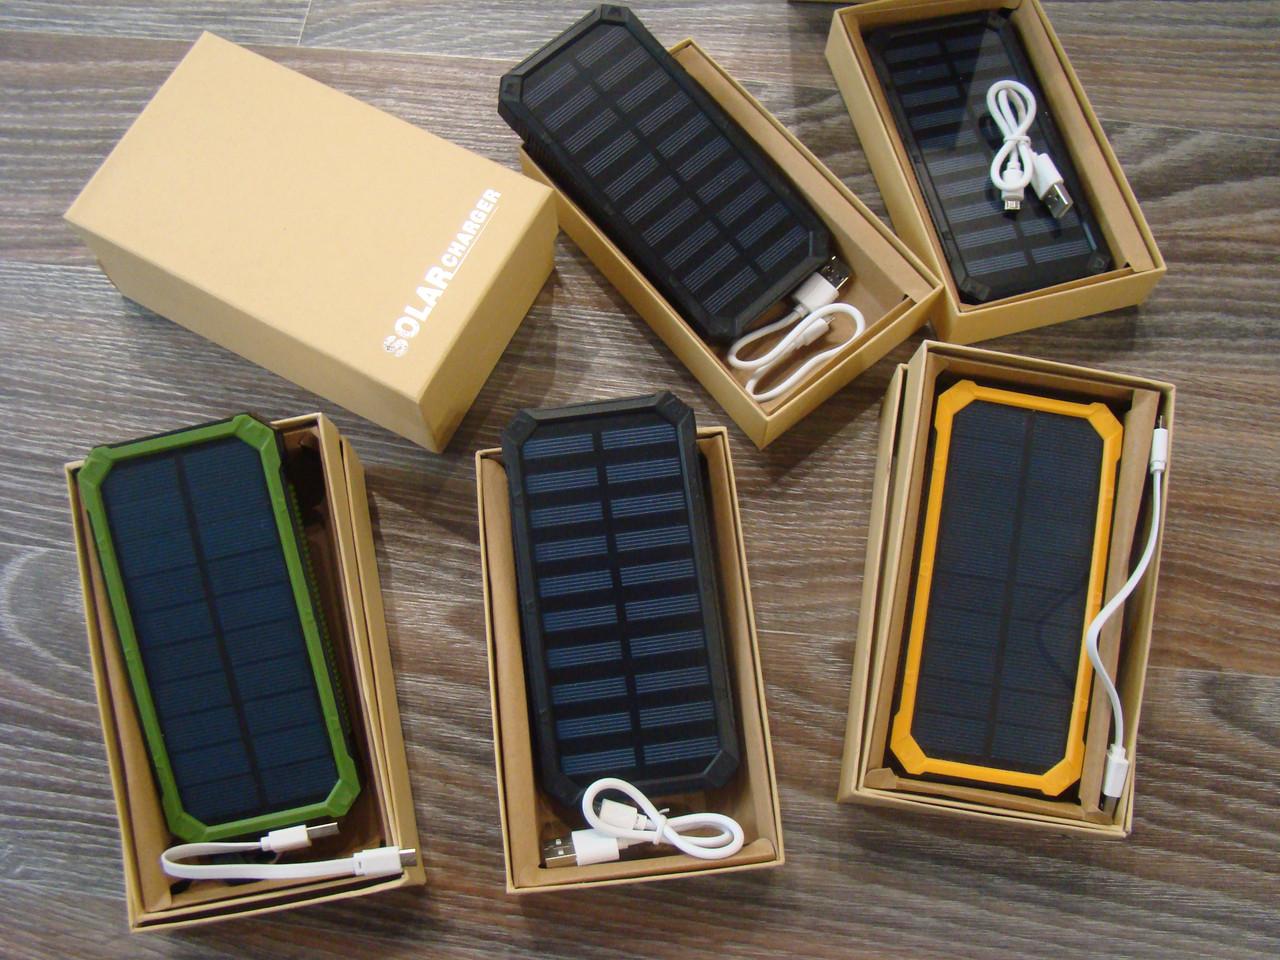 Power Bank Solar 40000 с солнечной батареей   Повер Банк LED   Портативное зарядное устройство   Пауэр Солар